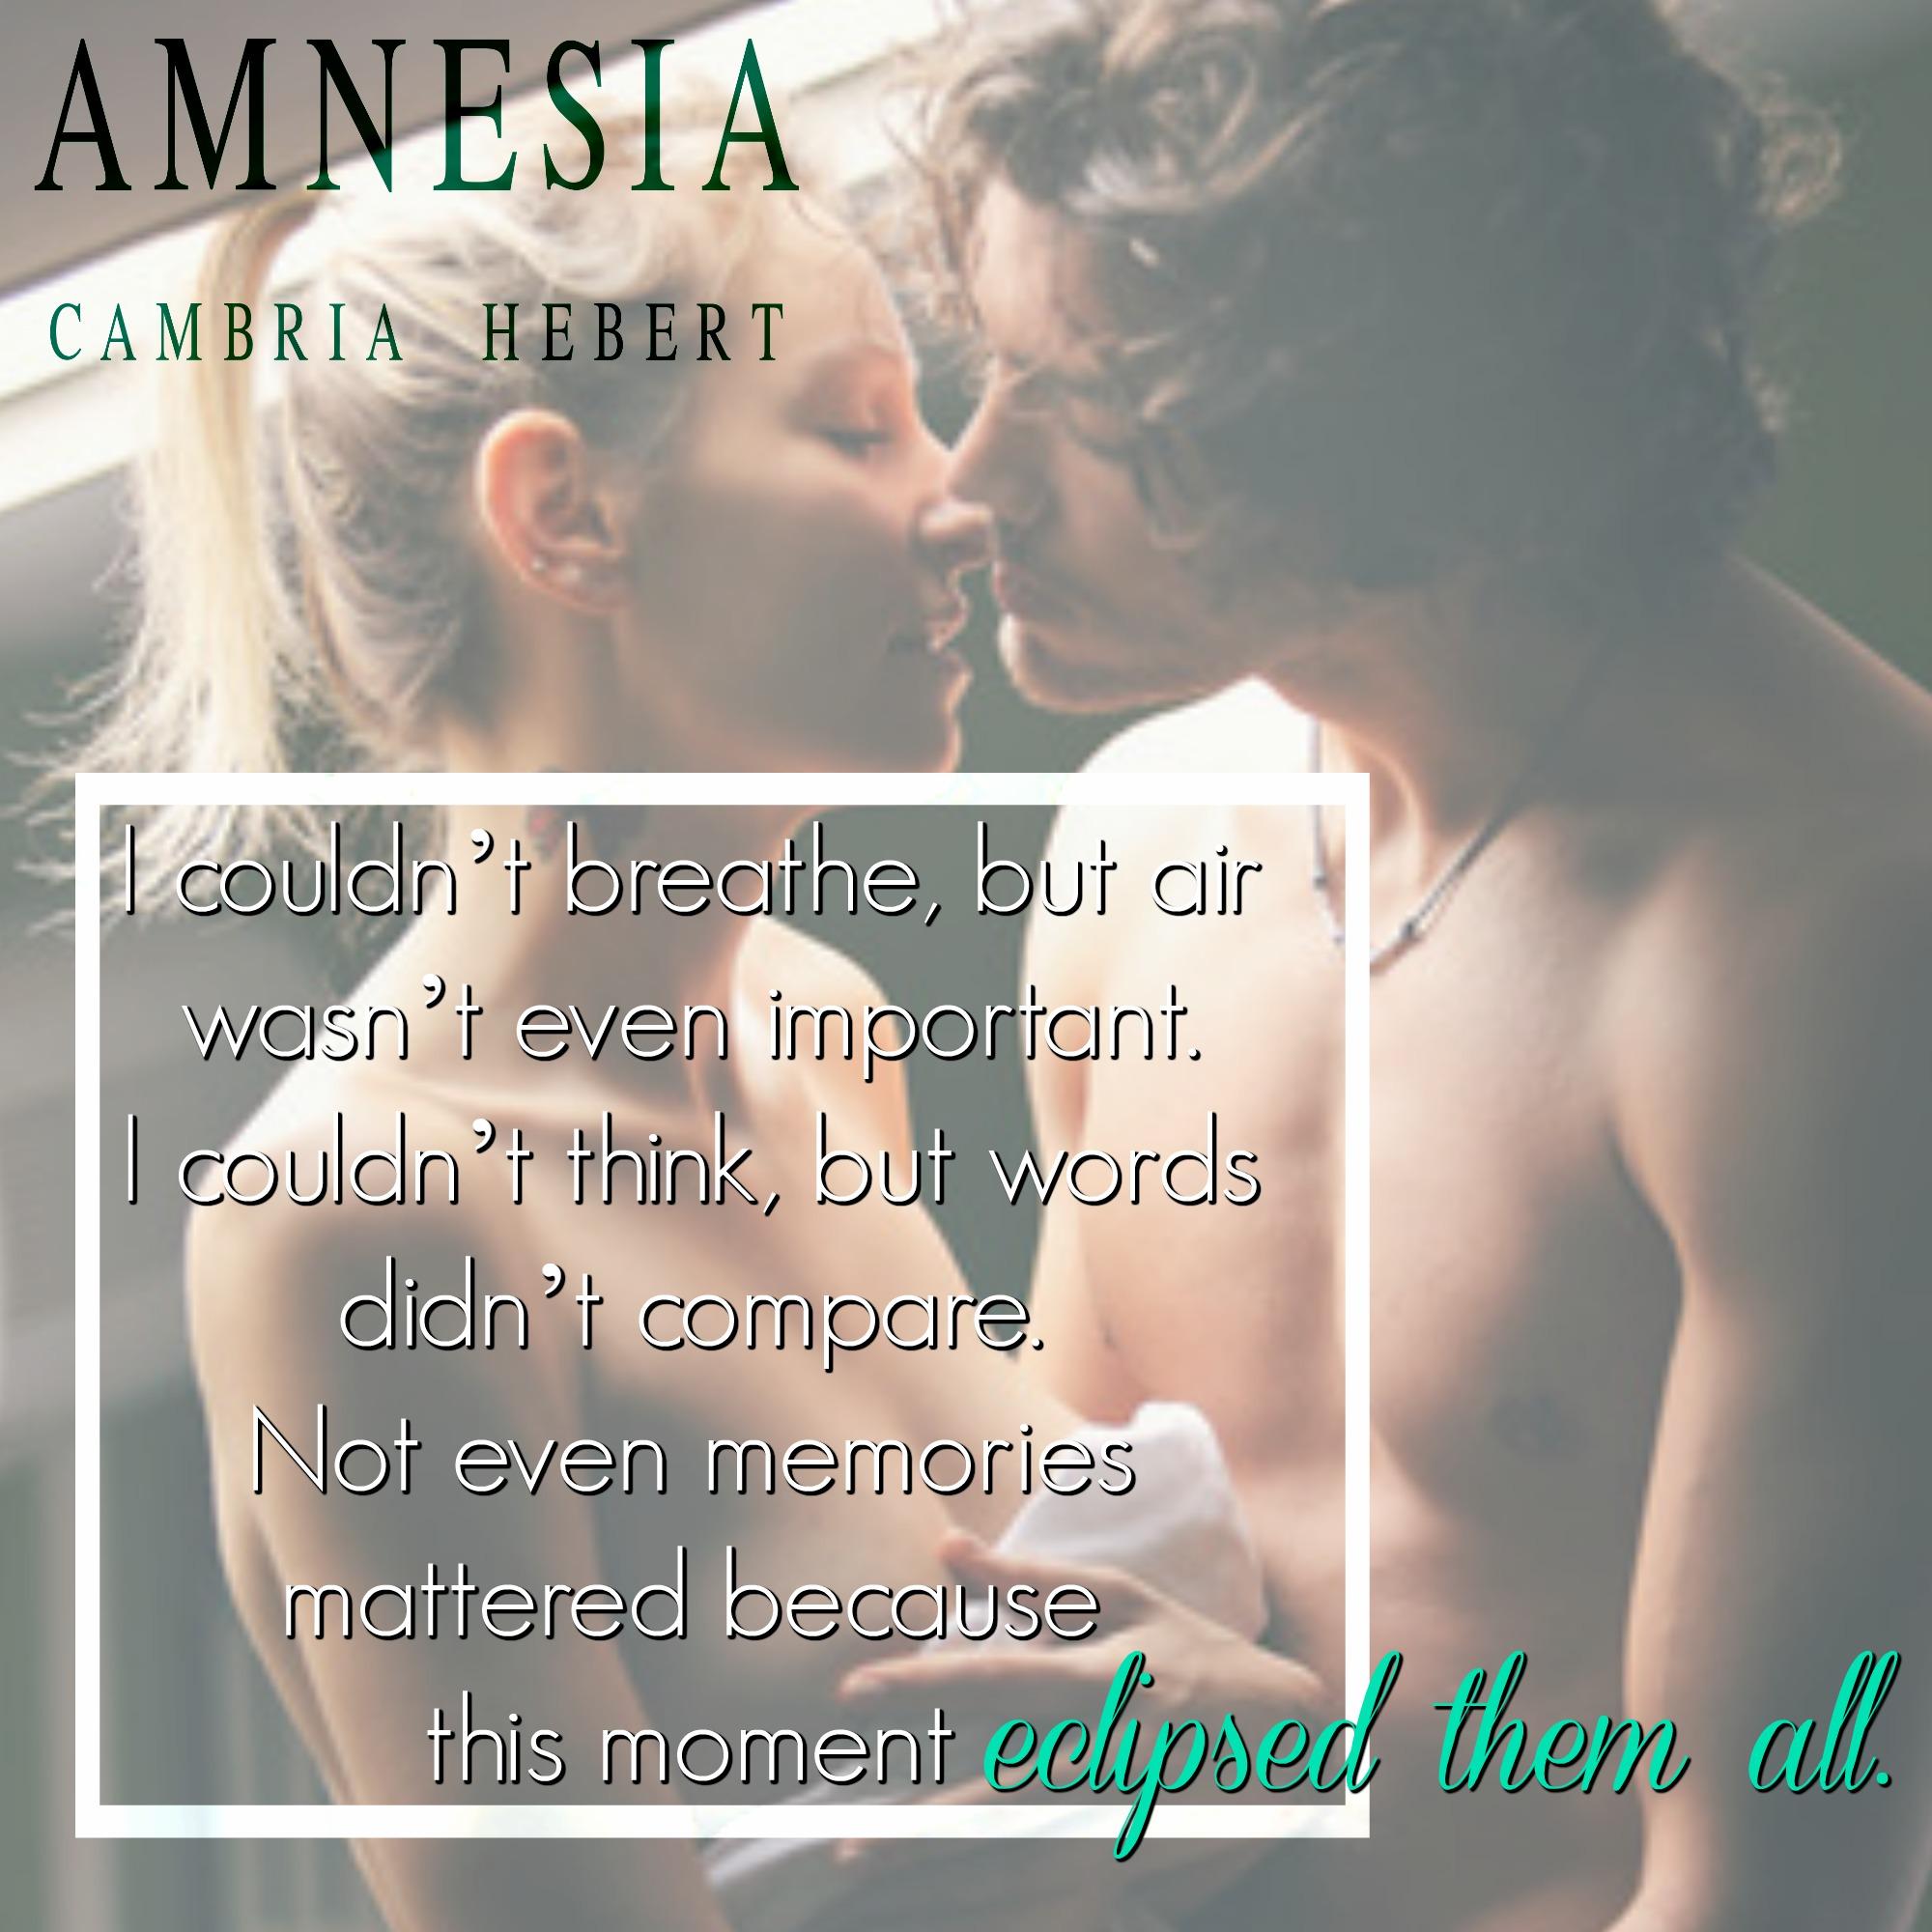 amnesia11